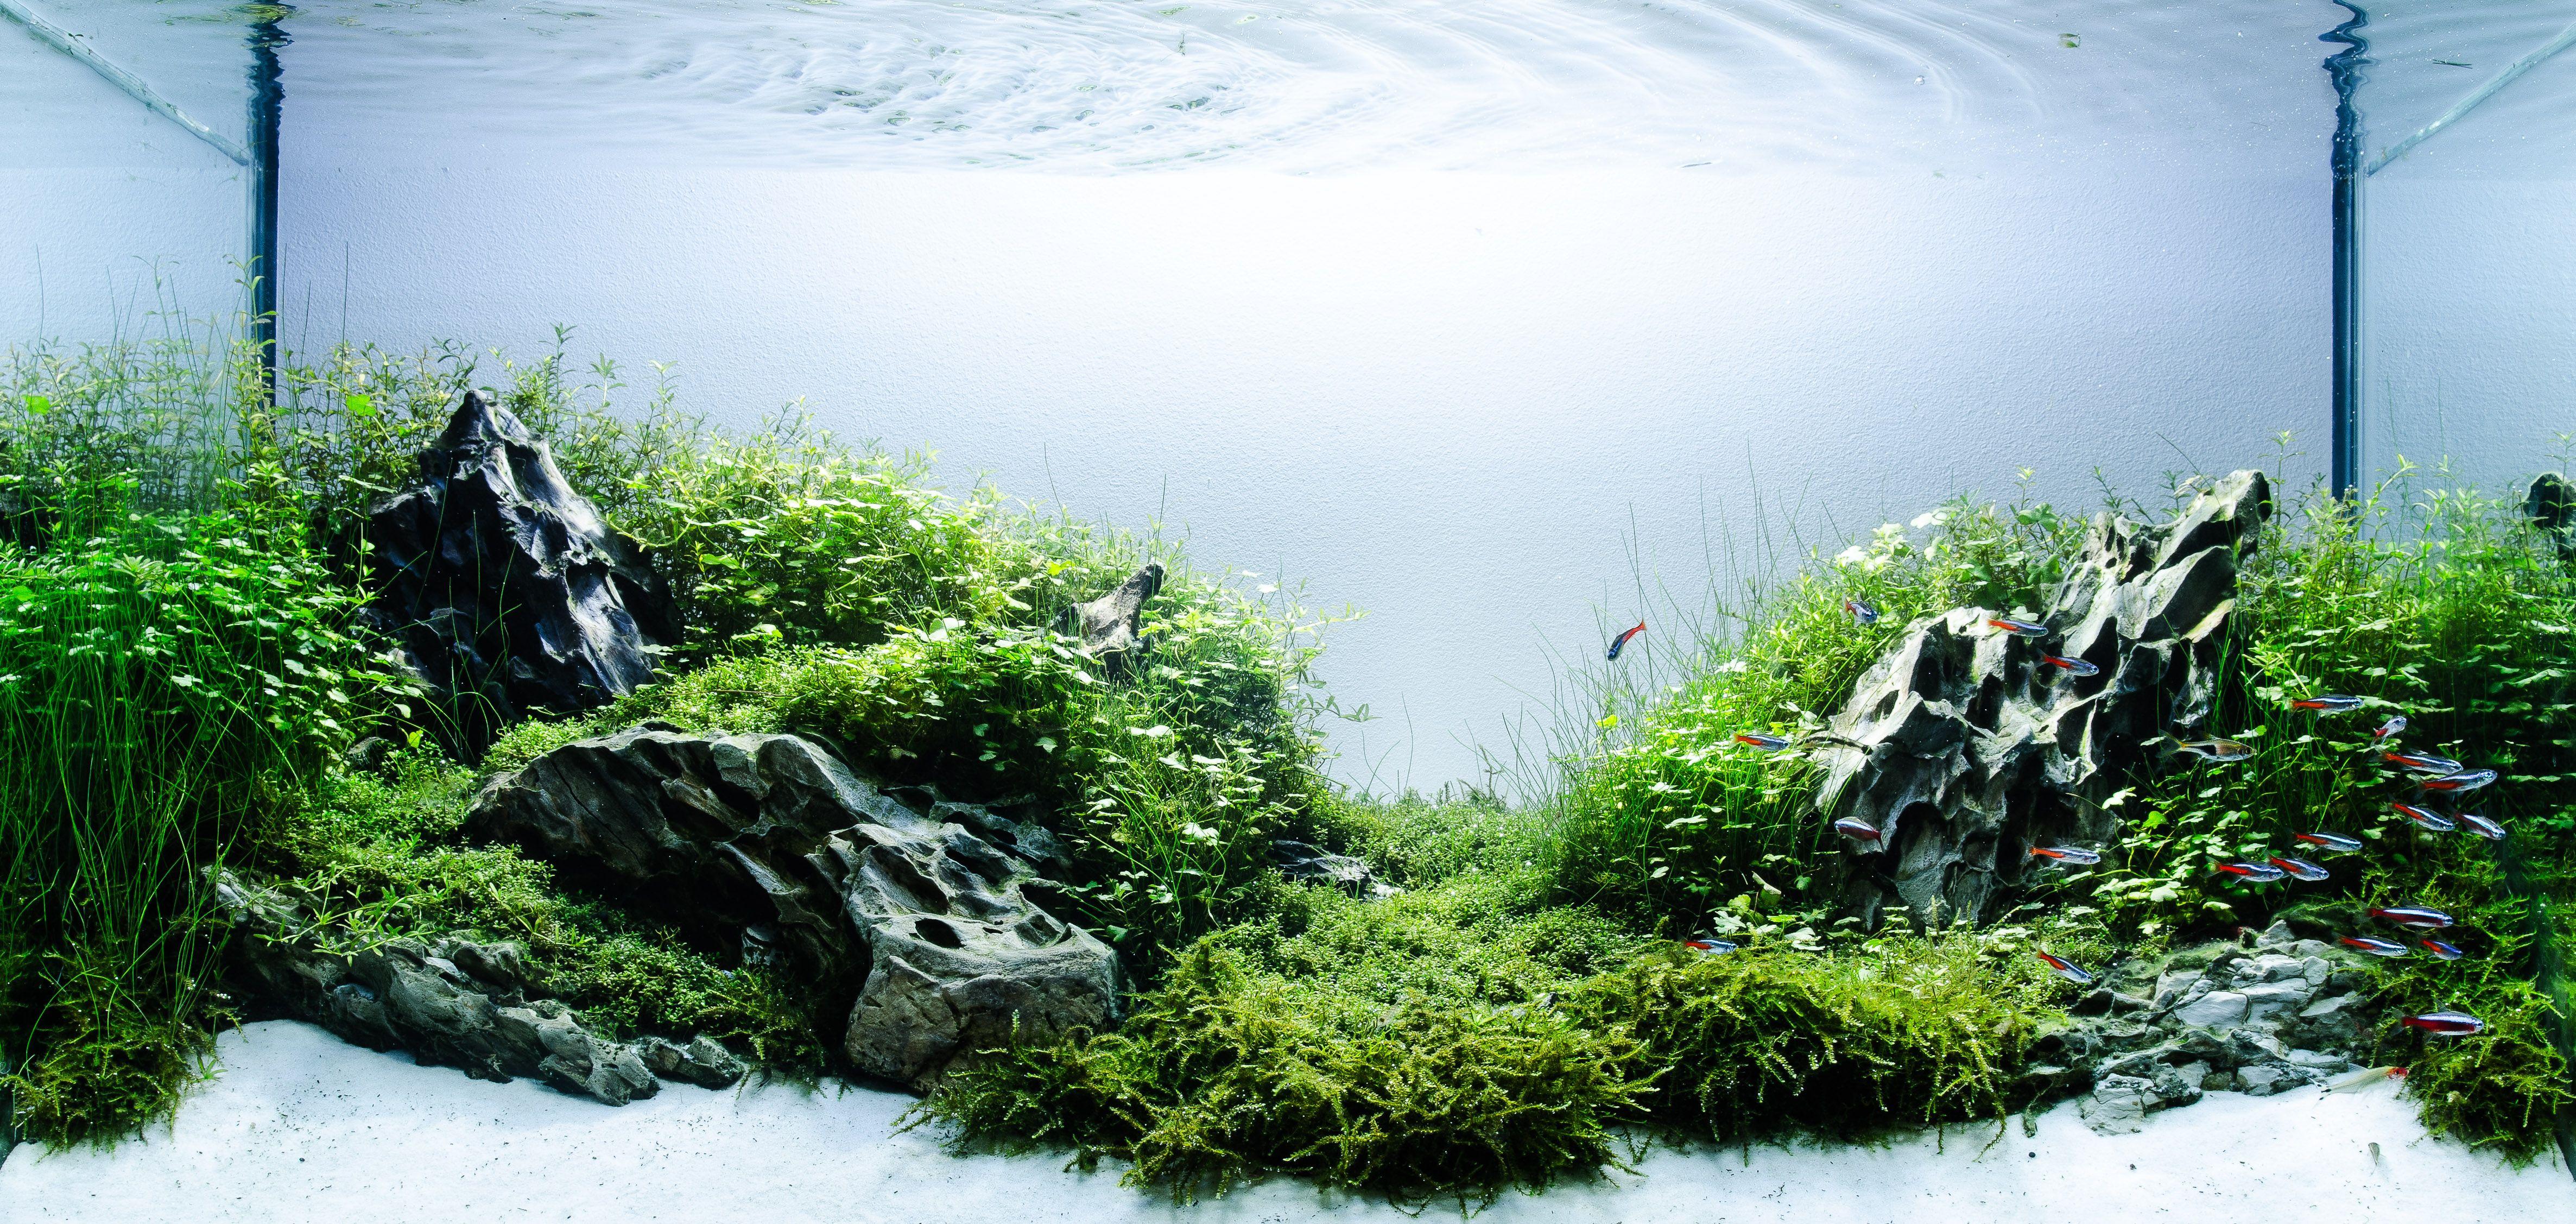 Fish for natural aquarium - Aquascaping Basics Planted Aquarium Substrate